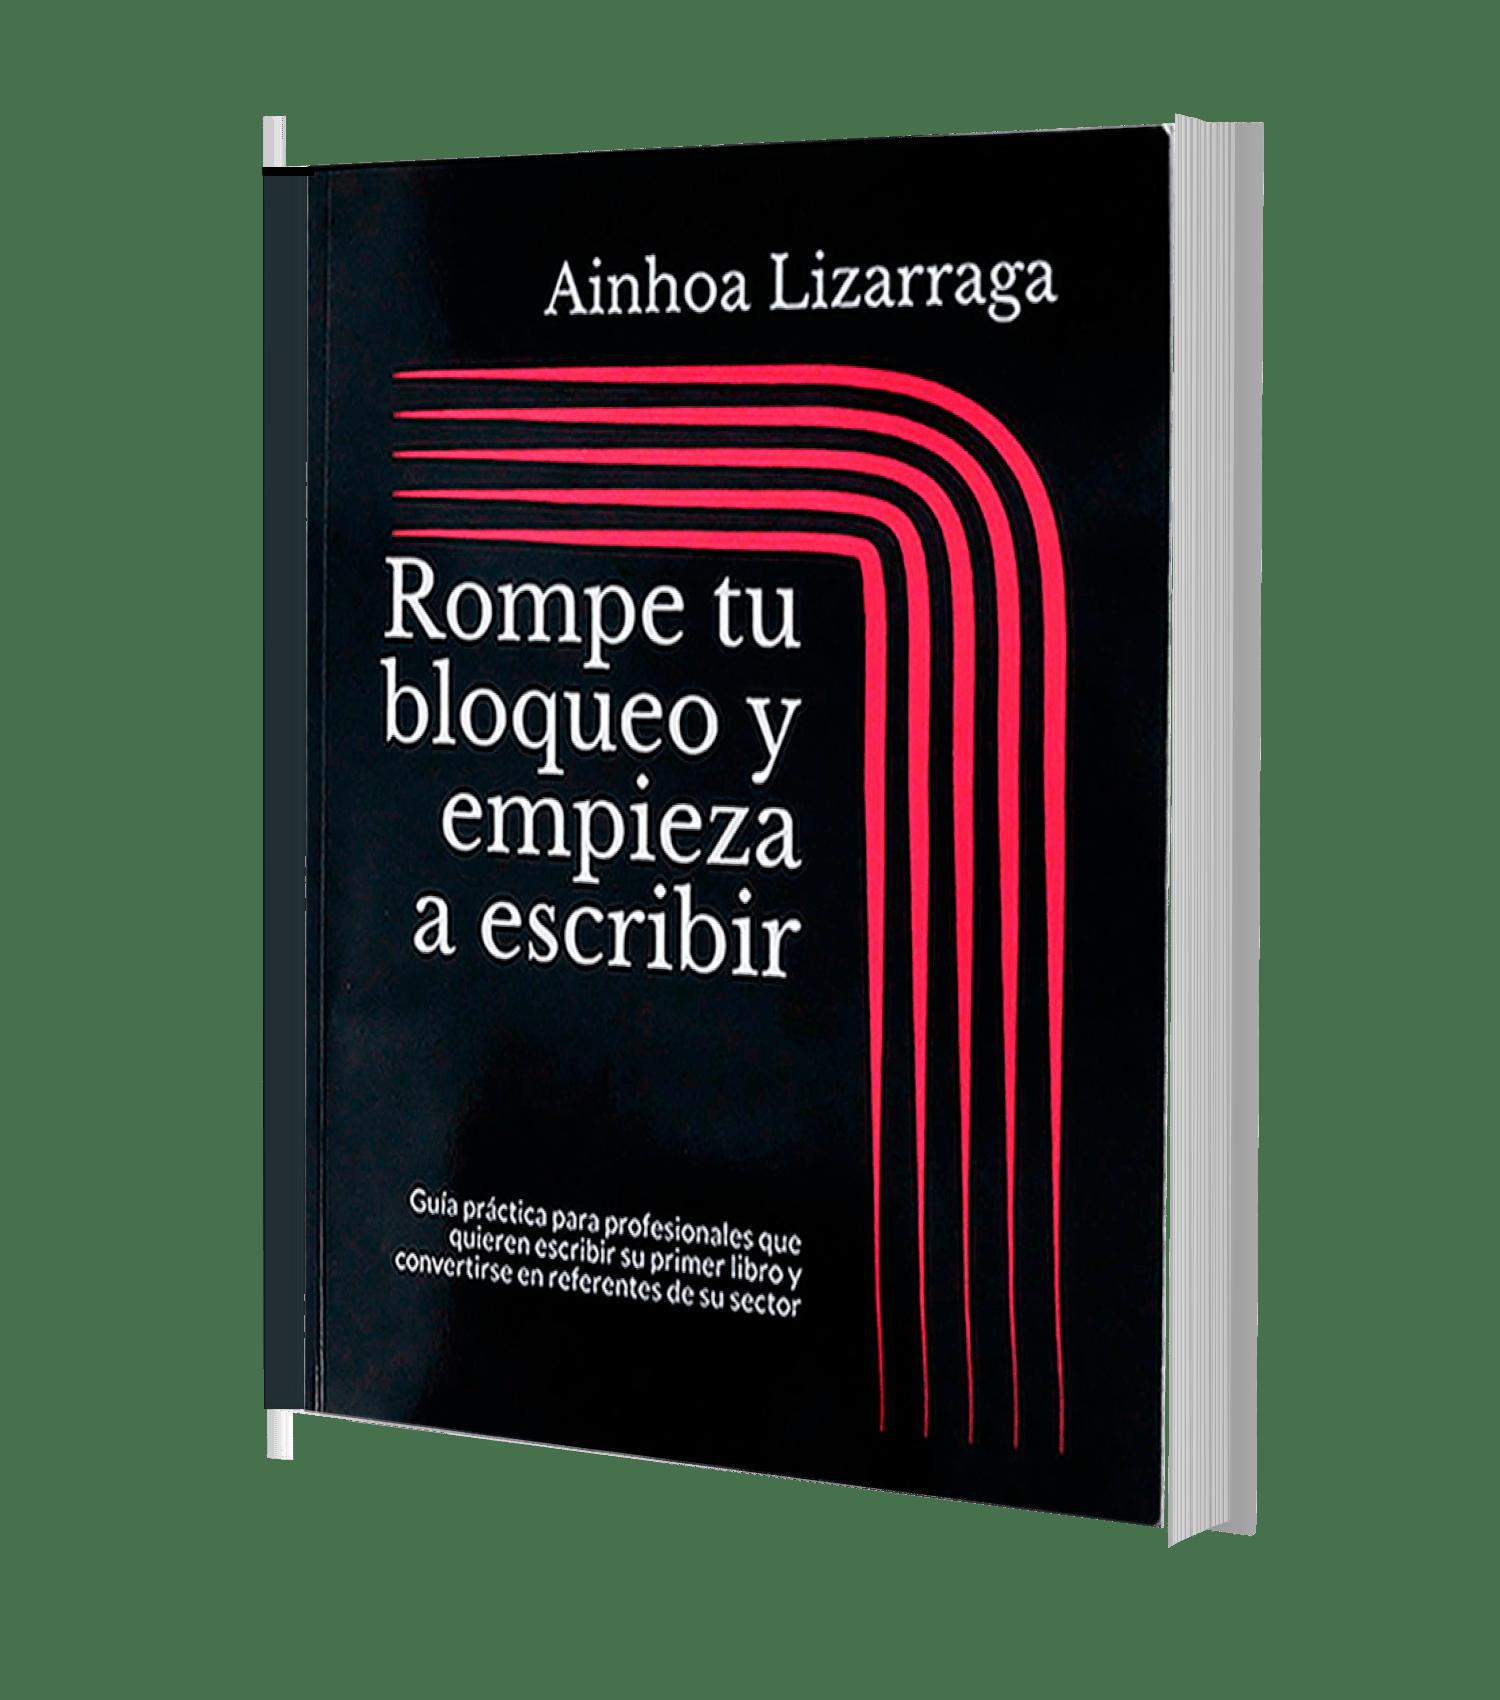 Rompe tu bloqueo y empieza a escribir | Ainhoa Lizarraga | Edición en papel